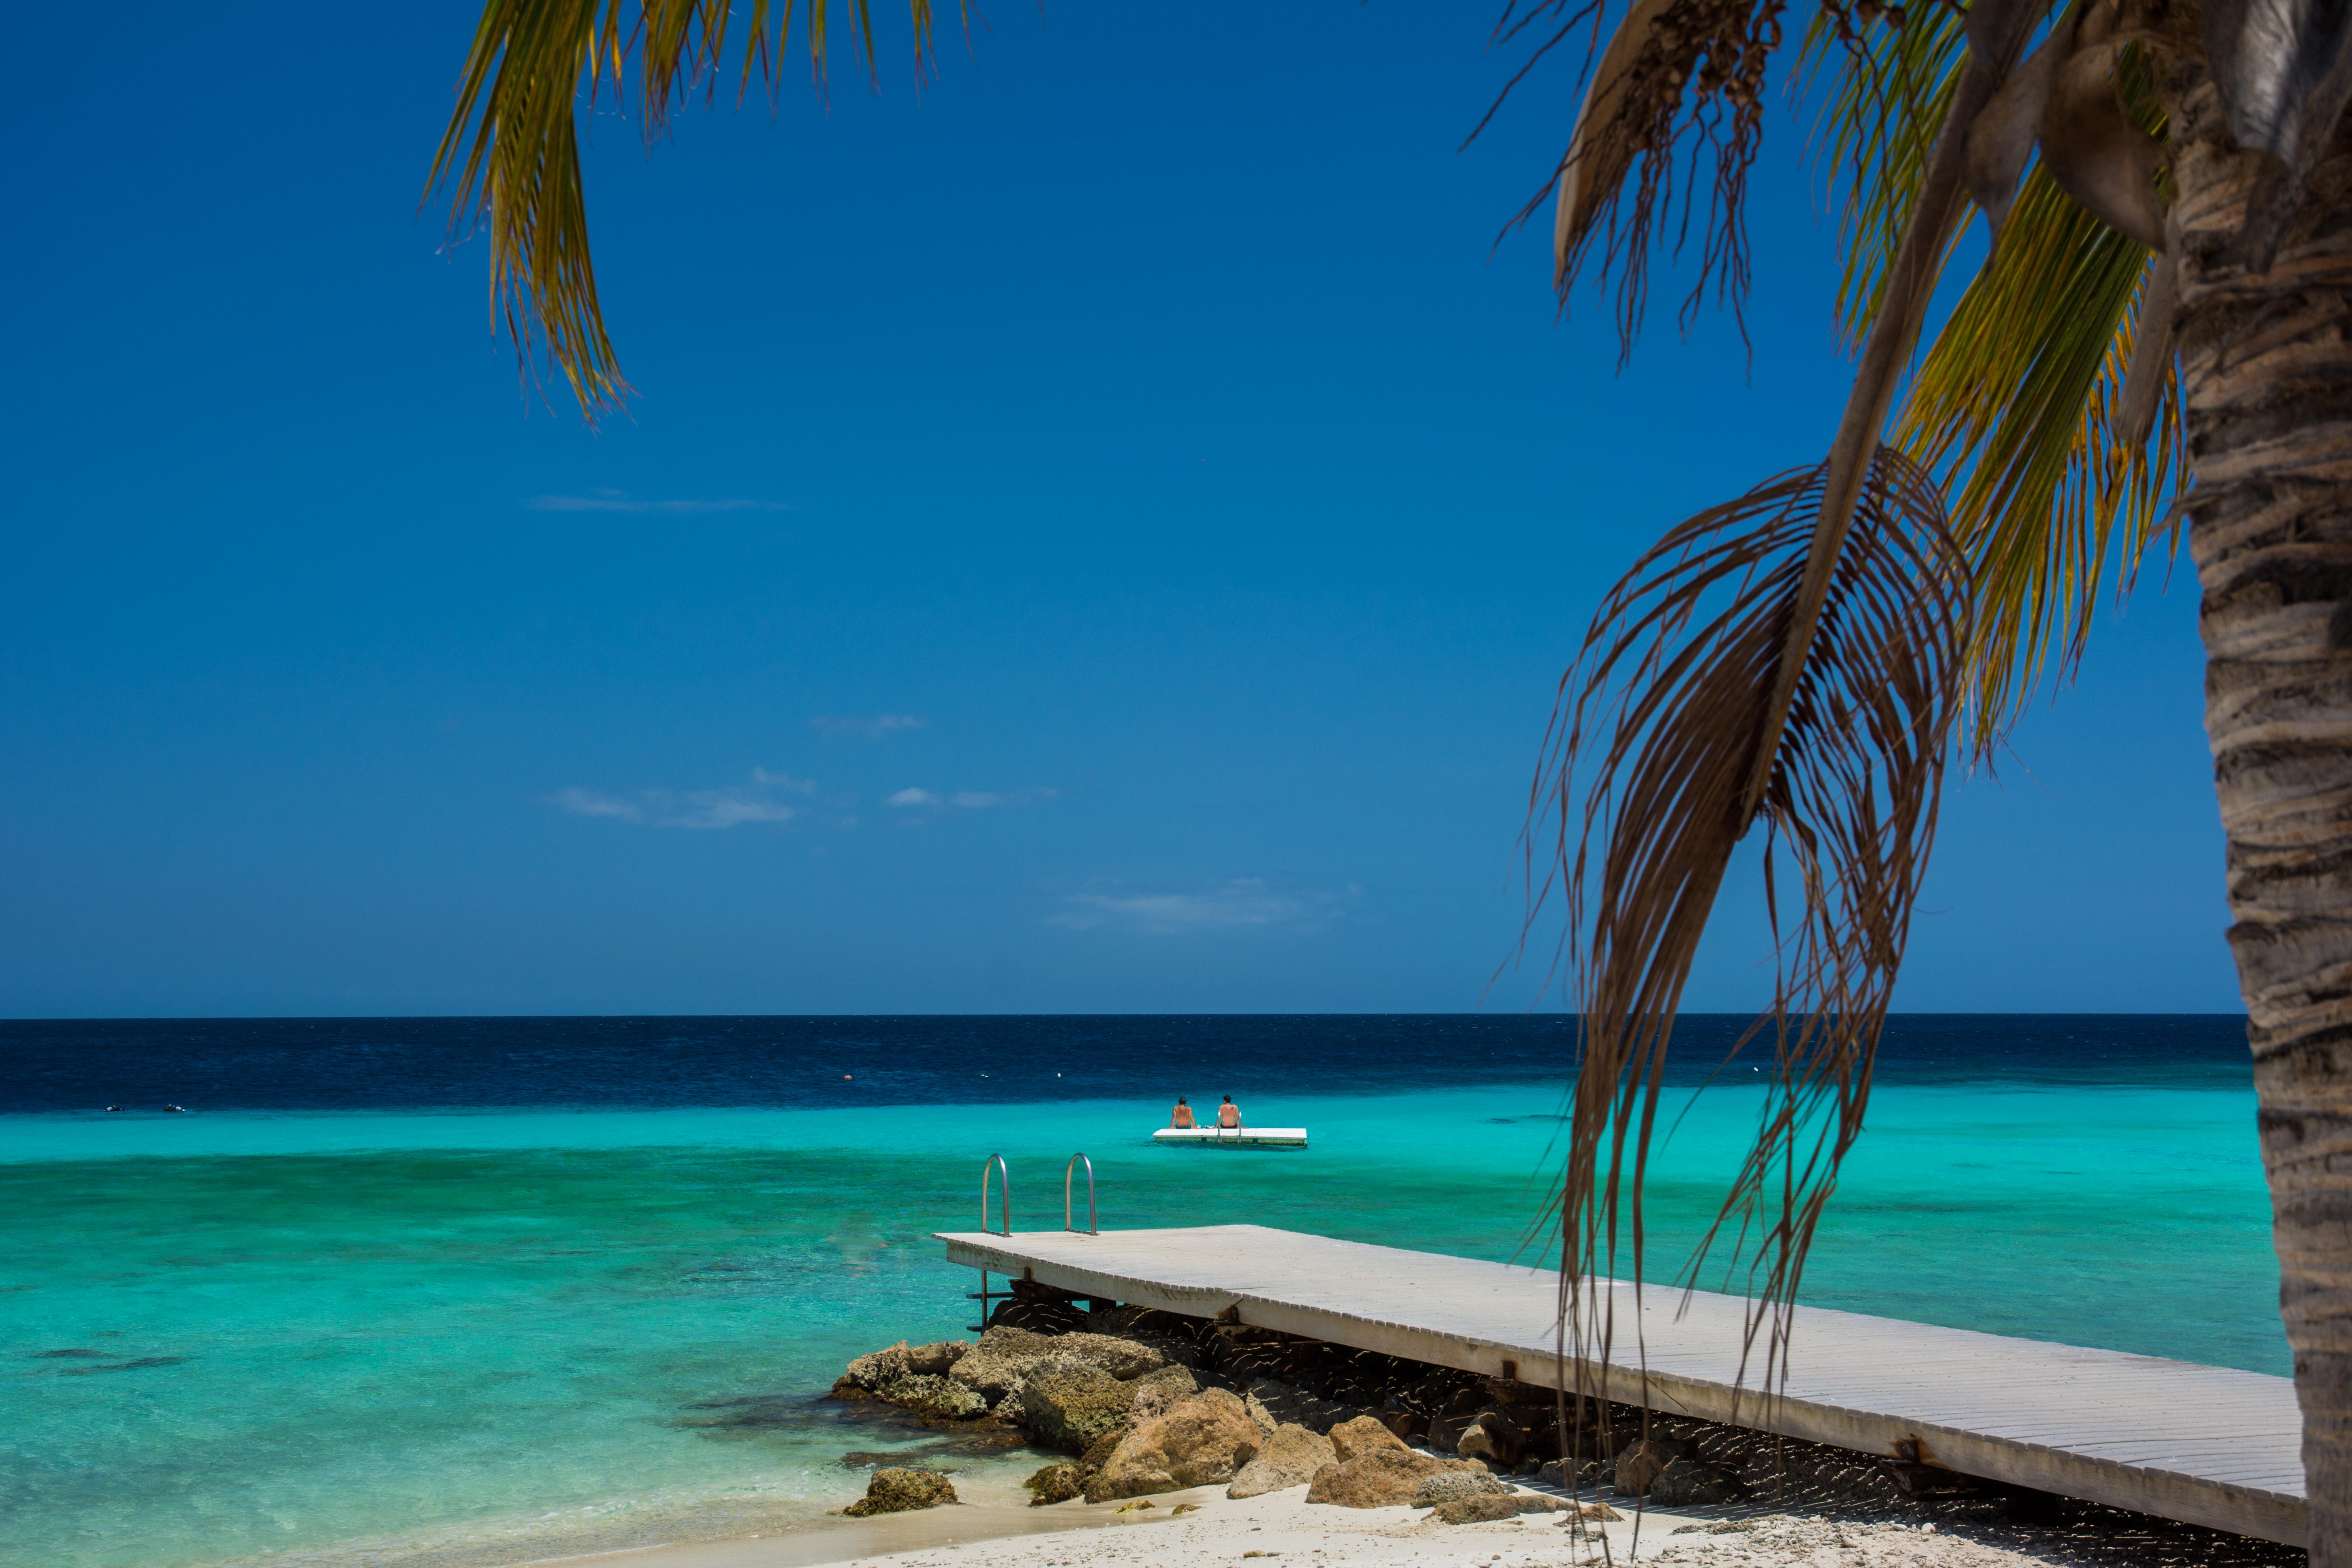 beach-holiday-vacation-caribbean